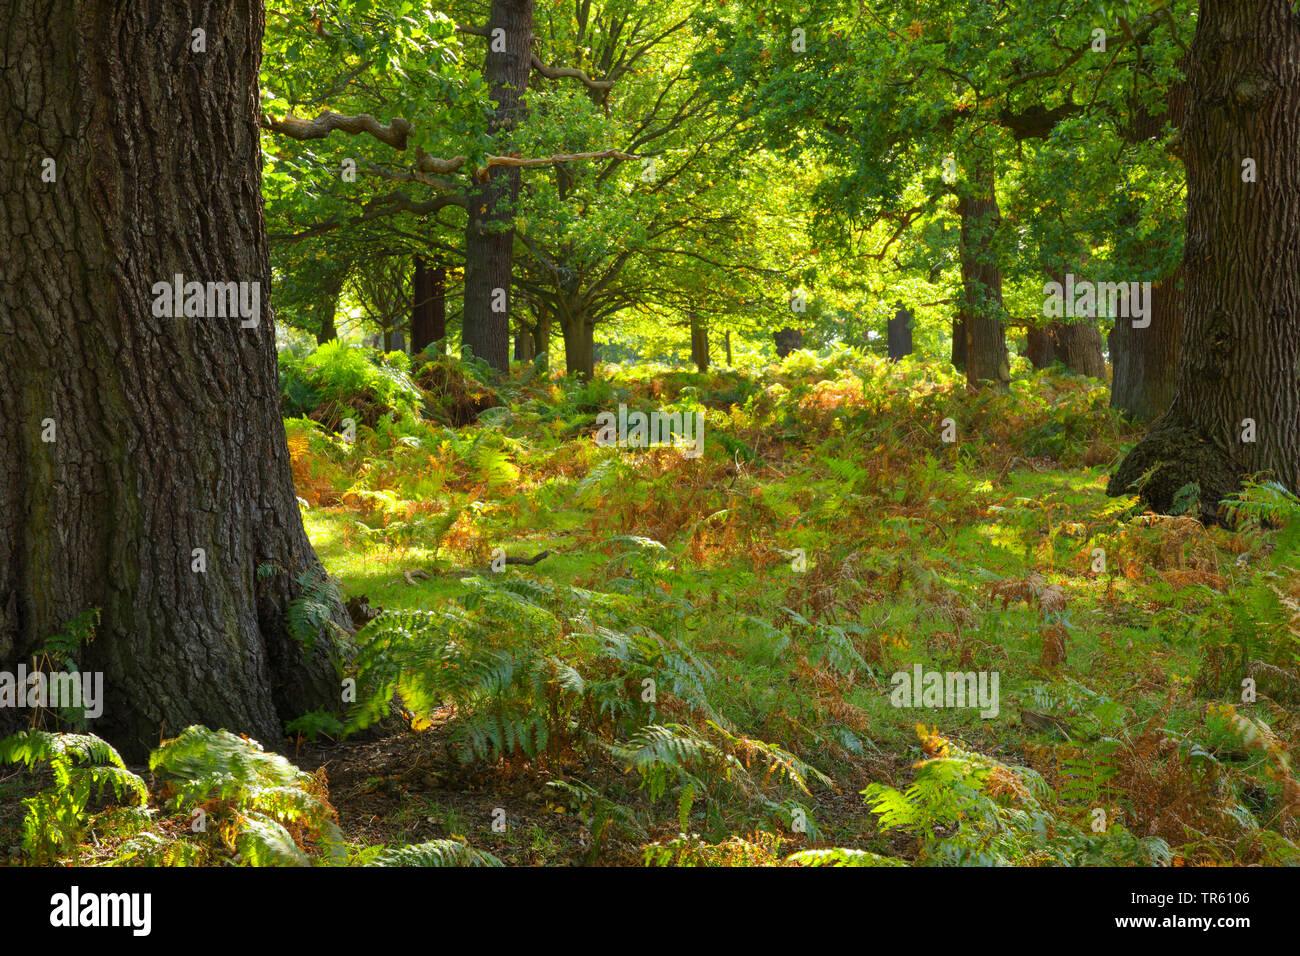 Stiel-Eiche, Stieleiche (Quercus robur. Quercus pedunculata), Eichenwald im Richmond Park mit Adlerfarn, Pteridium aquilinum, Grossbritannien, England - Stock Image